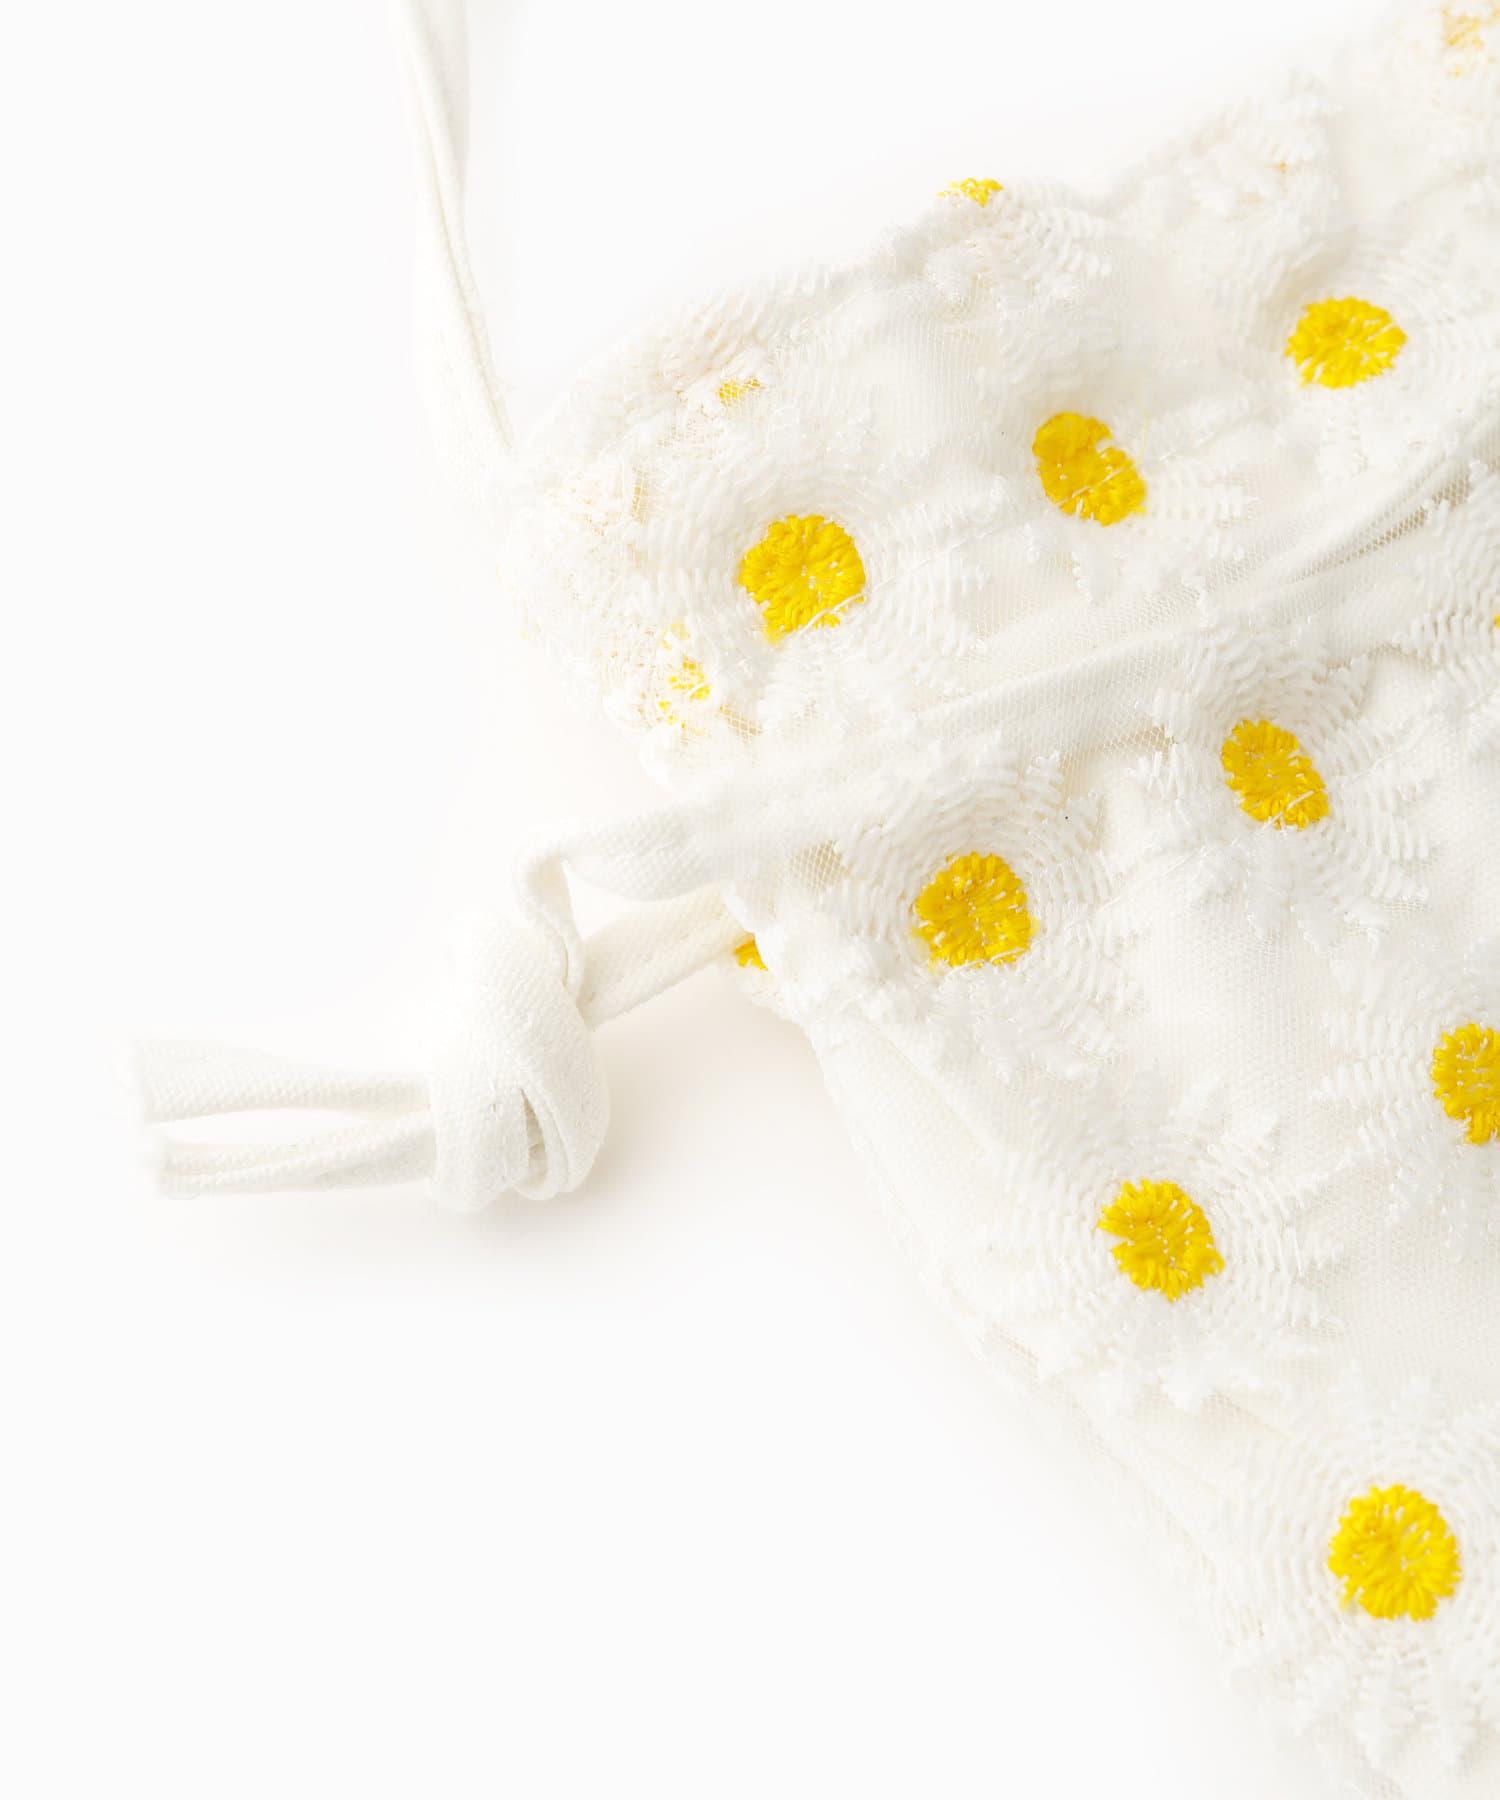 ASOKO(アソコ) 【hello korea】フラワー巾着ショルダーバッグ